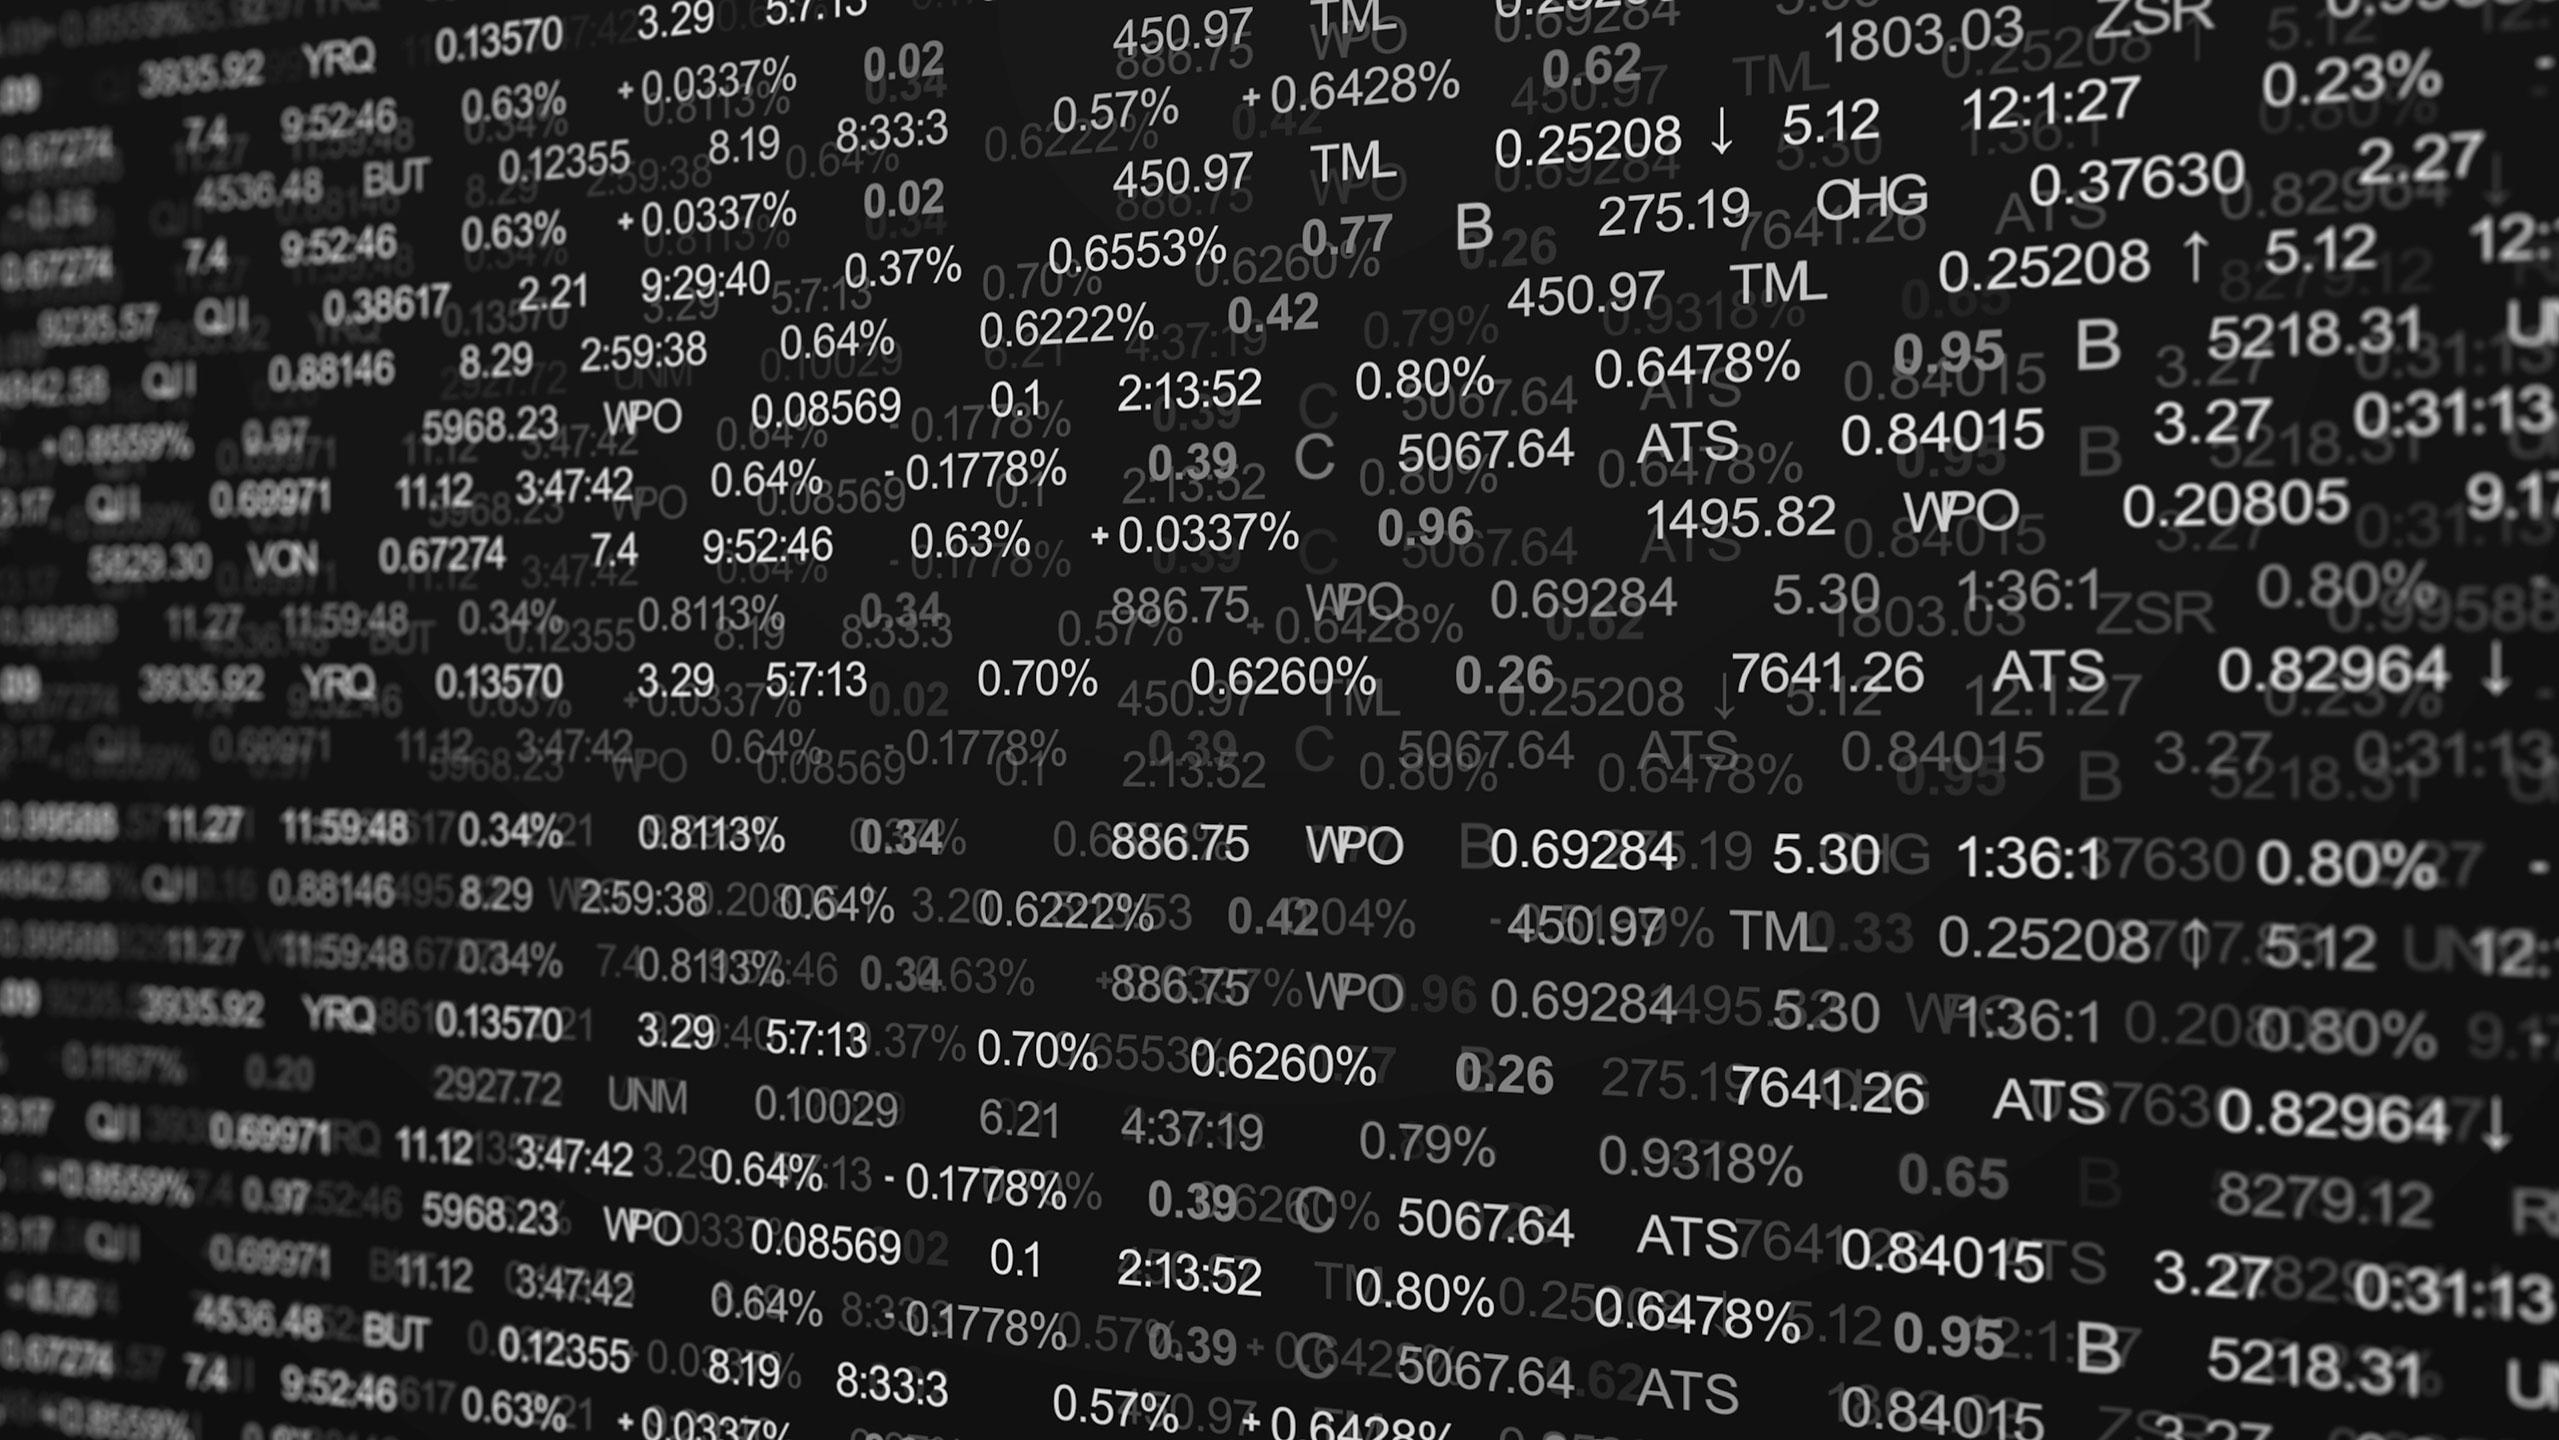 Symbols List Futures Brokers Rj Obrien Associates Llc